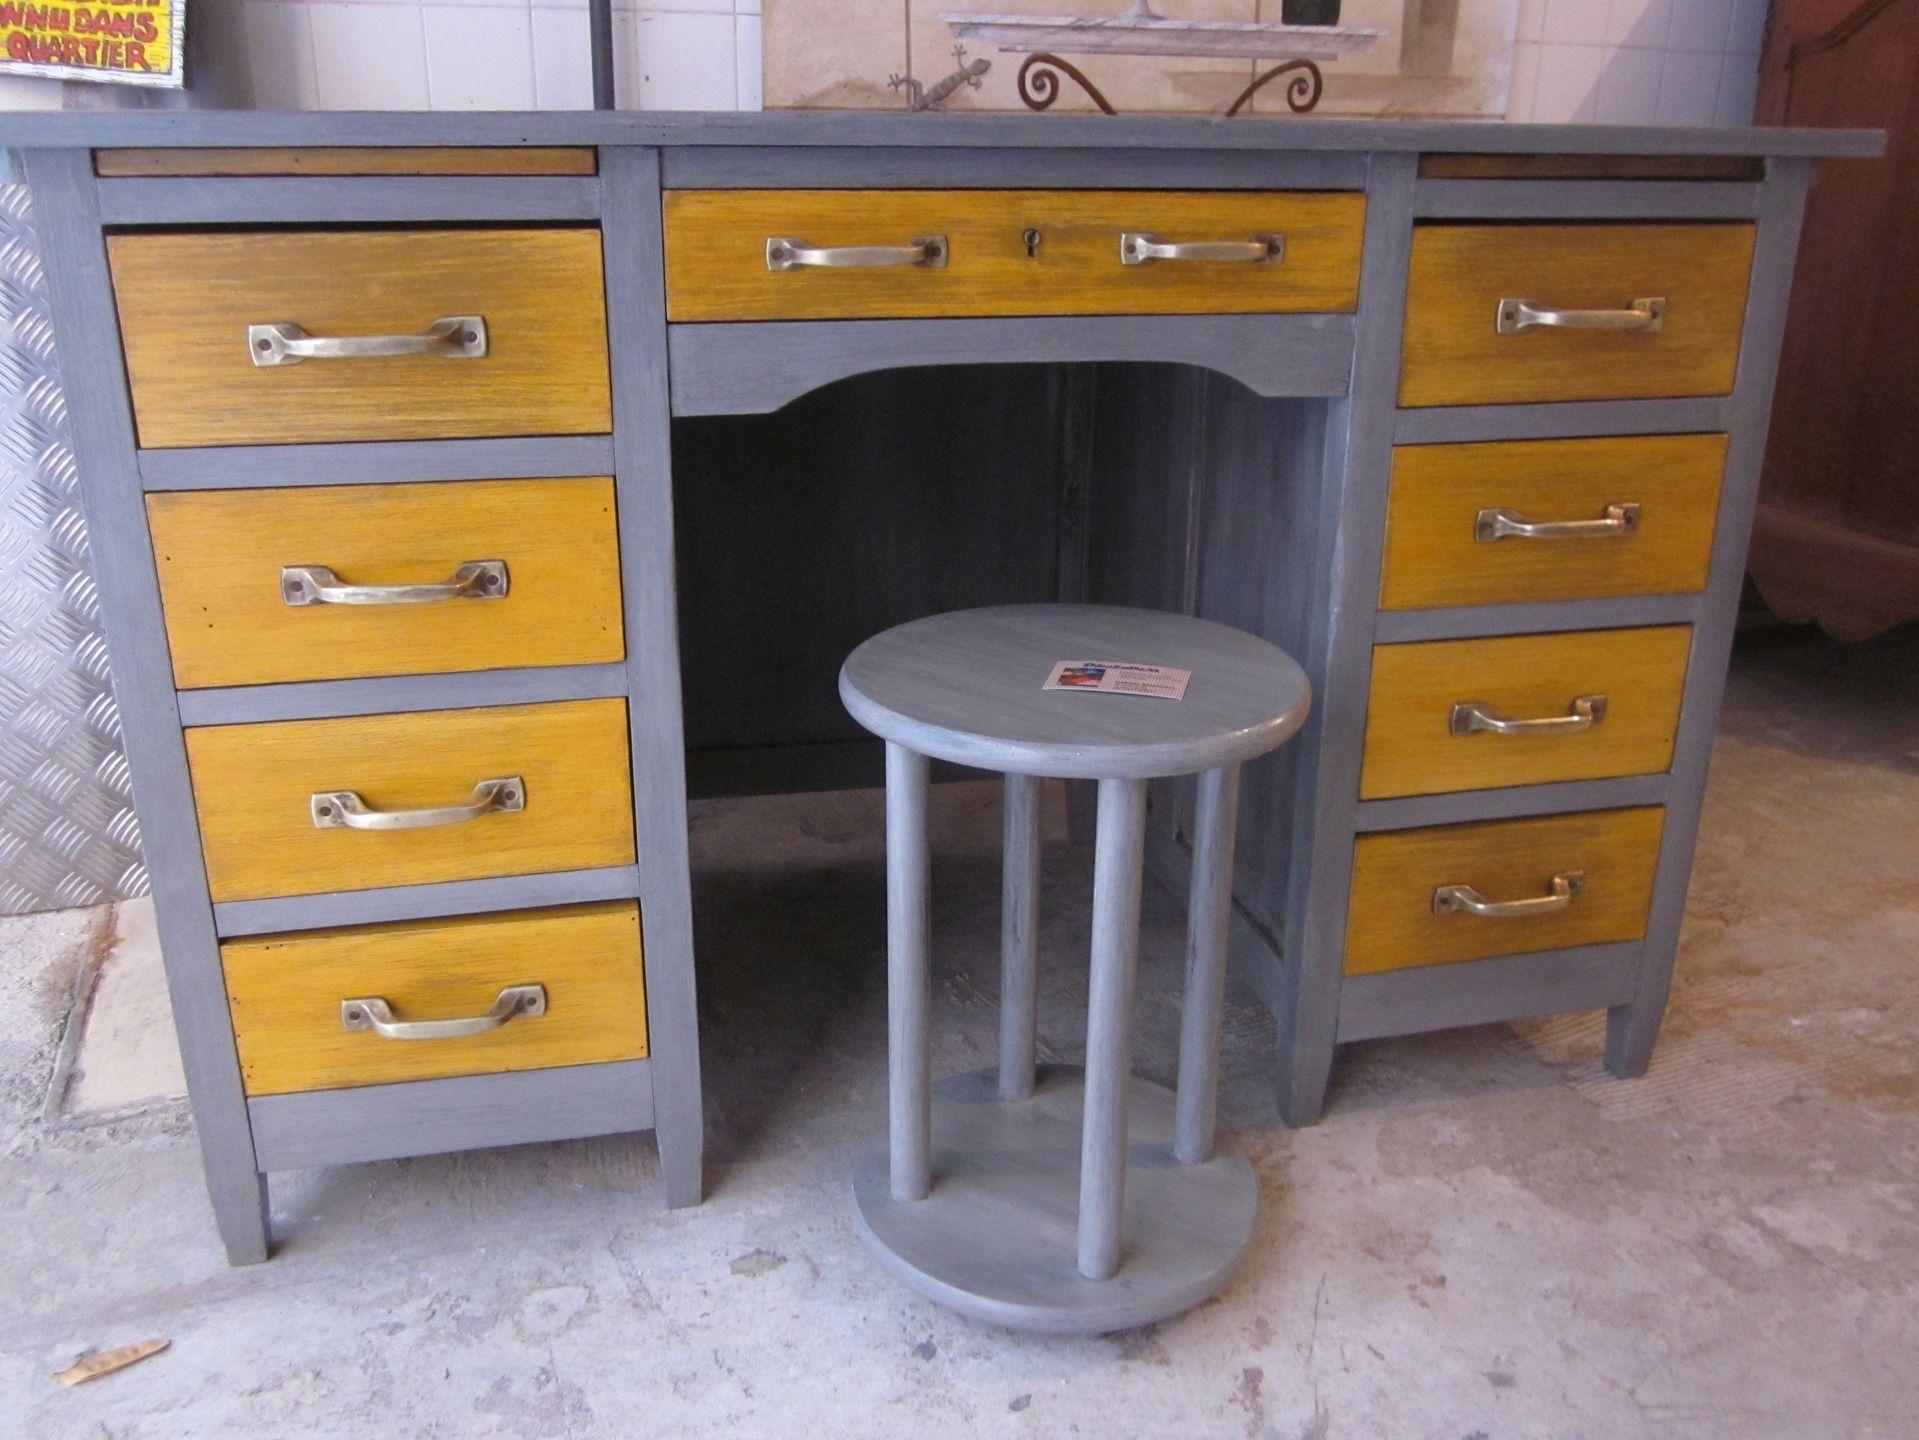 690e bureau ancien restaur en peinture naturelle poign es m tal meubles et rangements par - Meuble ancien restaure ...